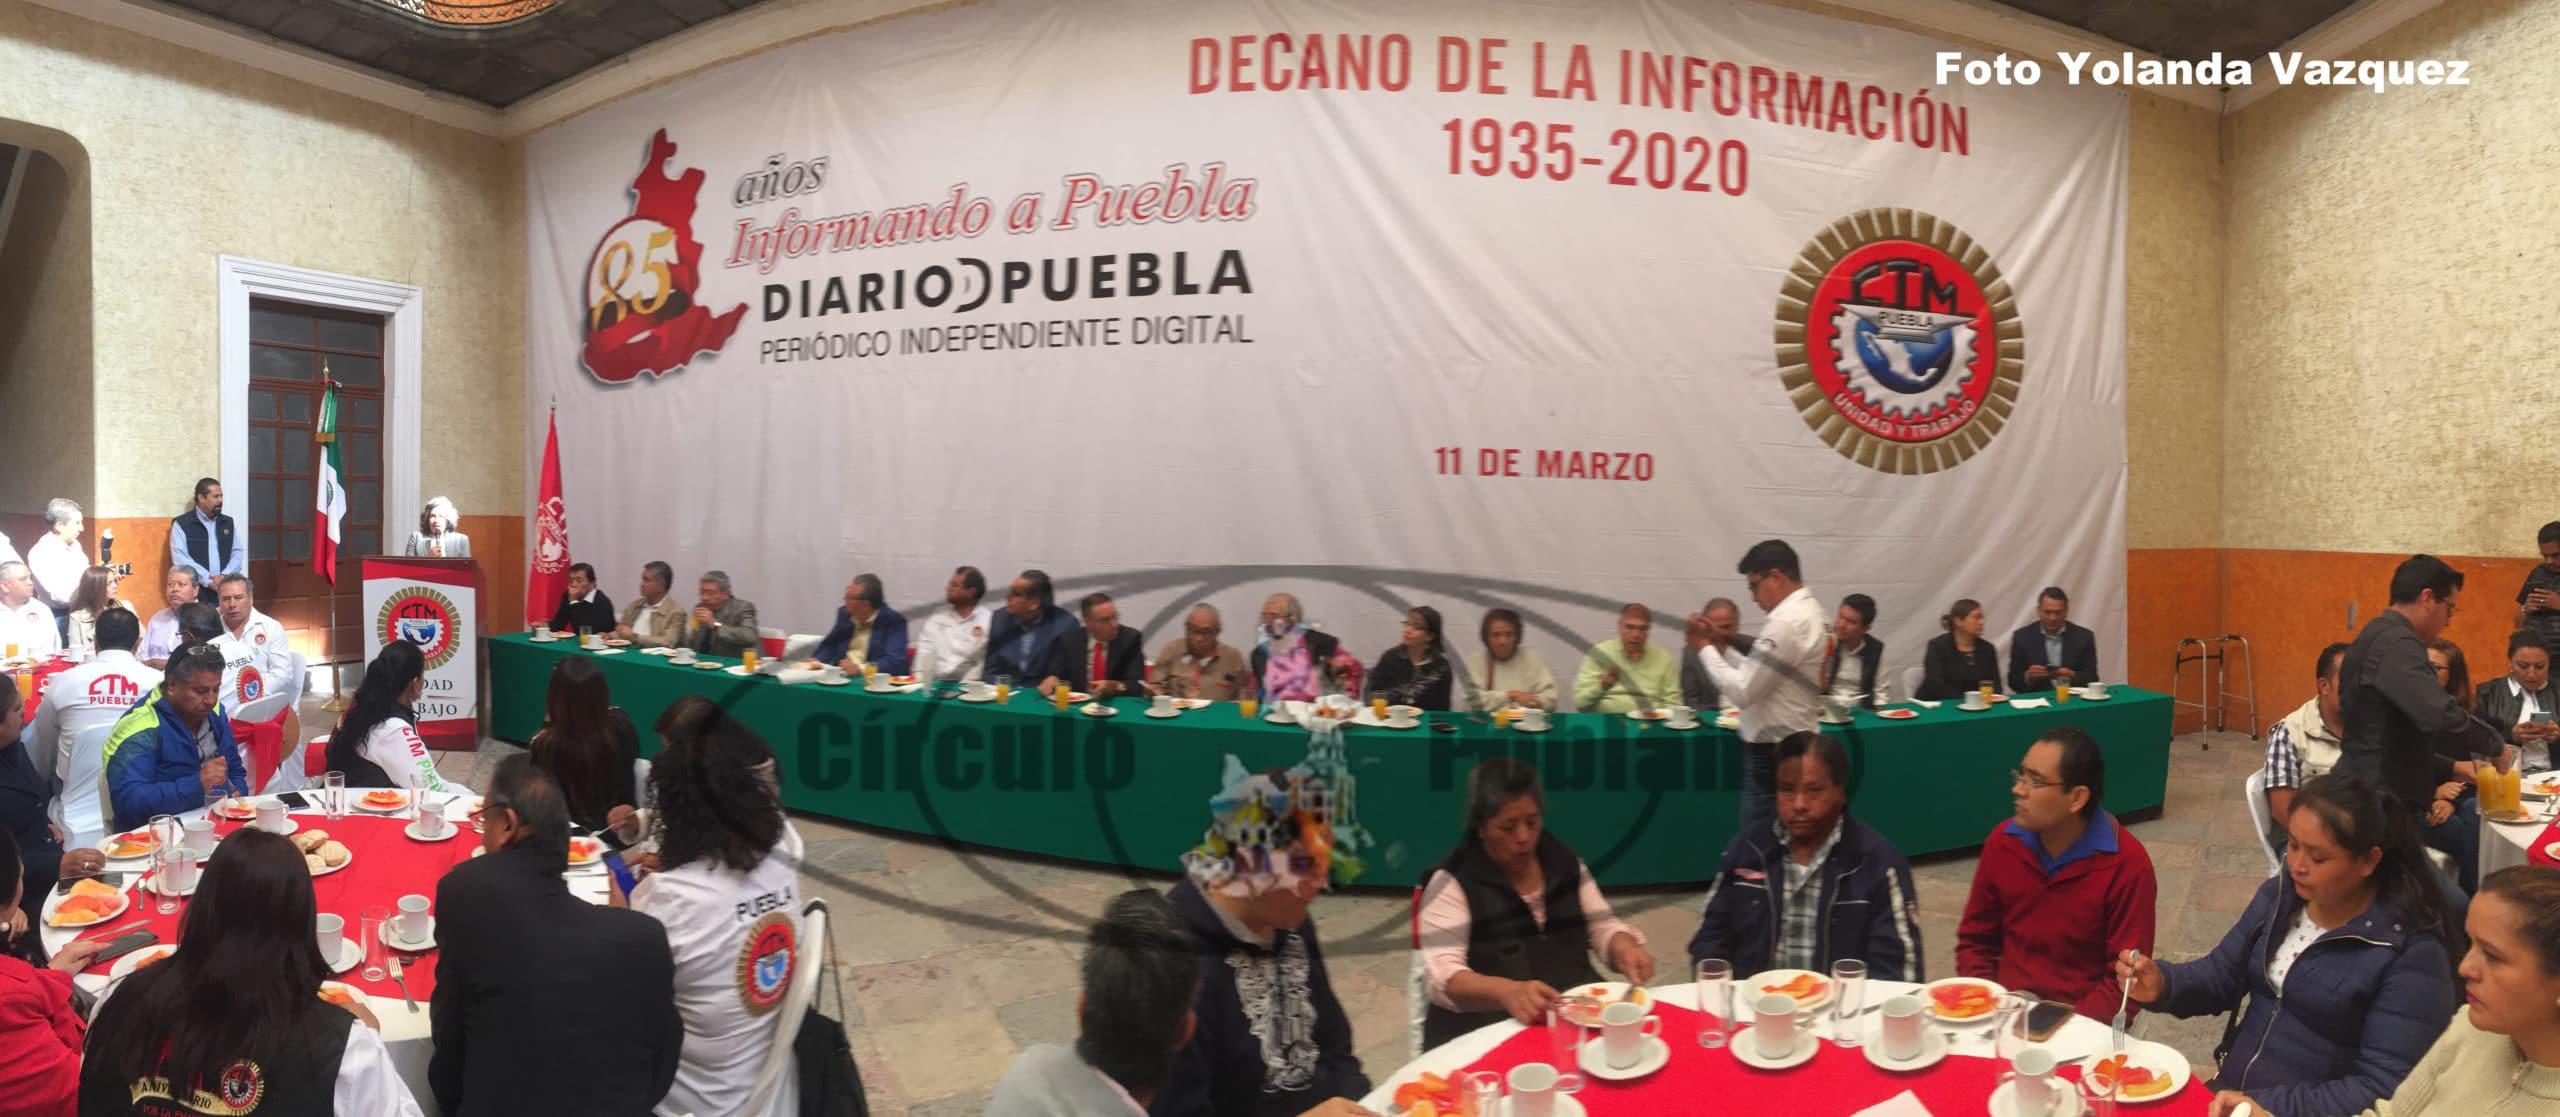 Para evitaralgúnproblema Restringen empresas contacto personal entre trabajadores con la entrada del Covid-19 y: Leobardo Soto